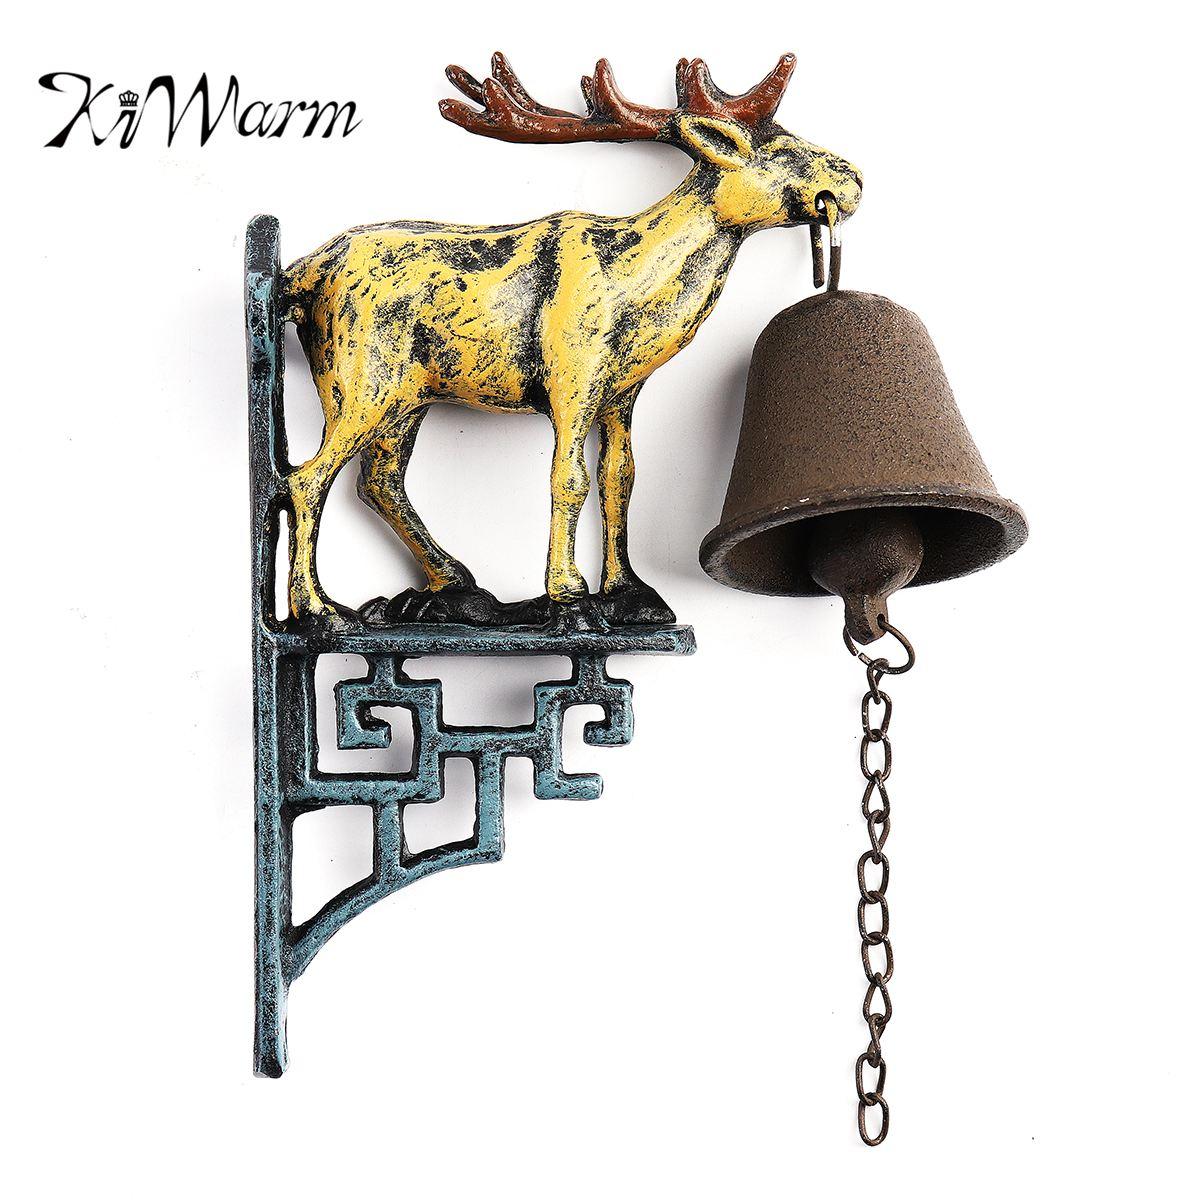 KiWarm Exquisite Cast Iron Door Bell Metal Wall Mounted Stag Head Deer Antler Reindeer Design for Home Garden Hanging Ornament